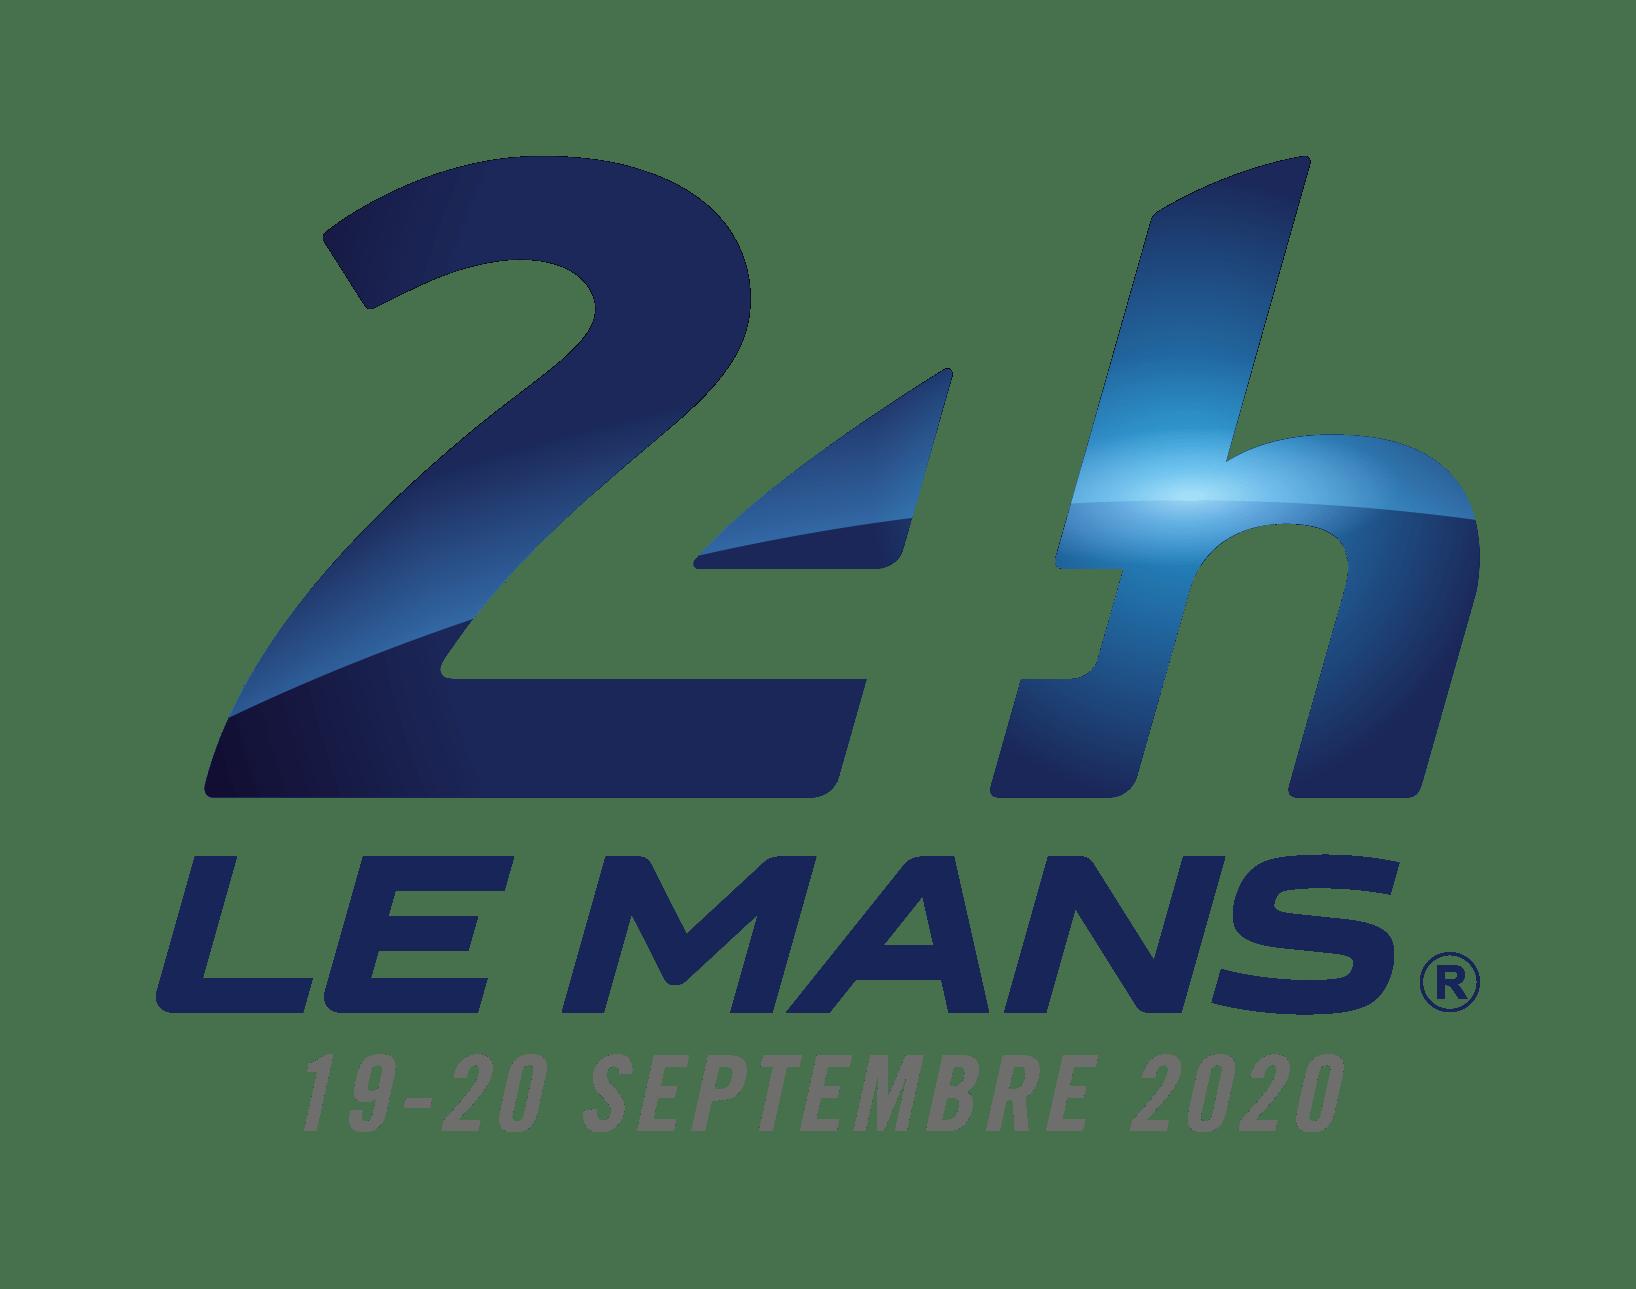 Logo-24h-lemans-2020-date-septembre